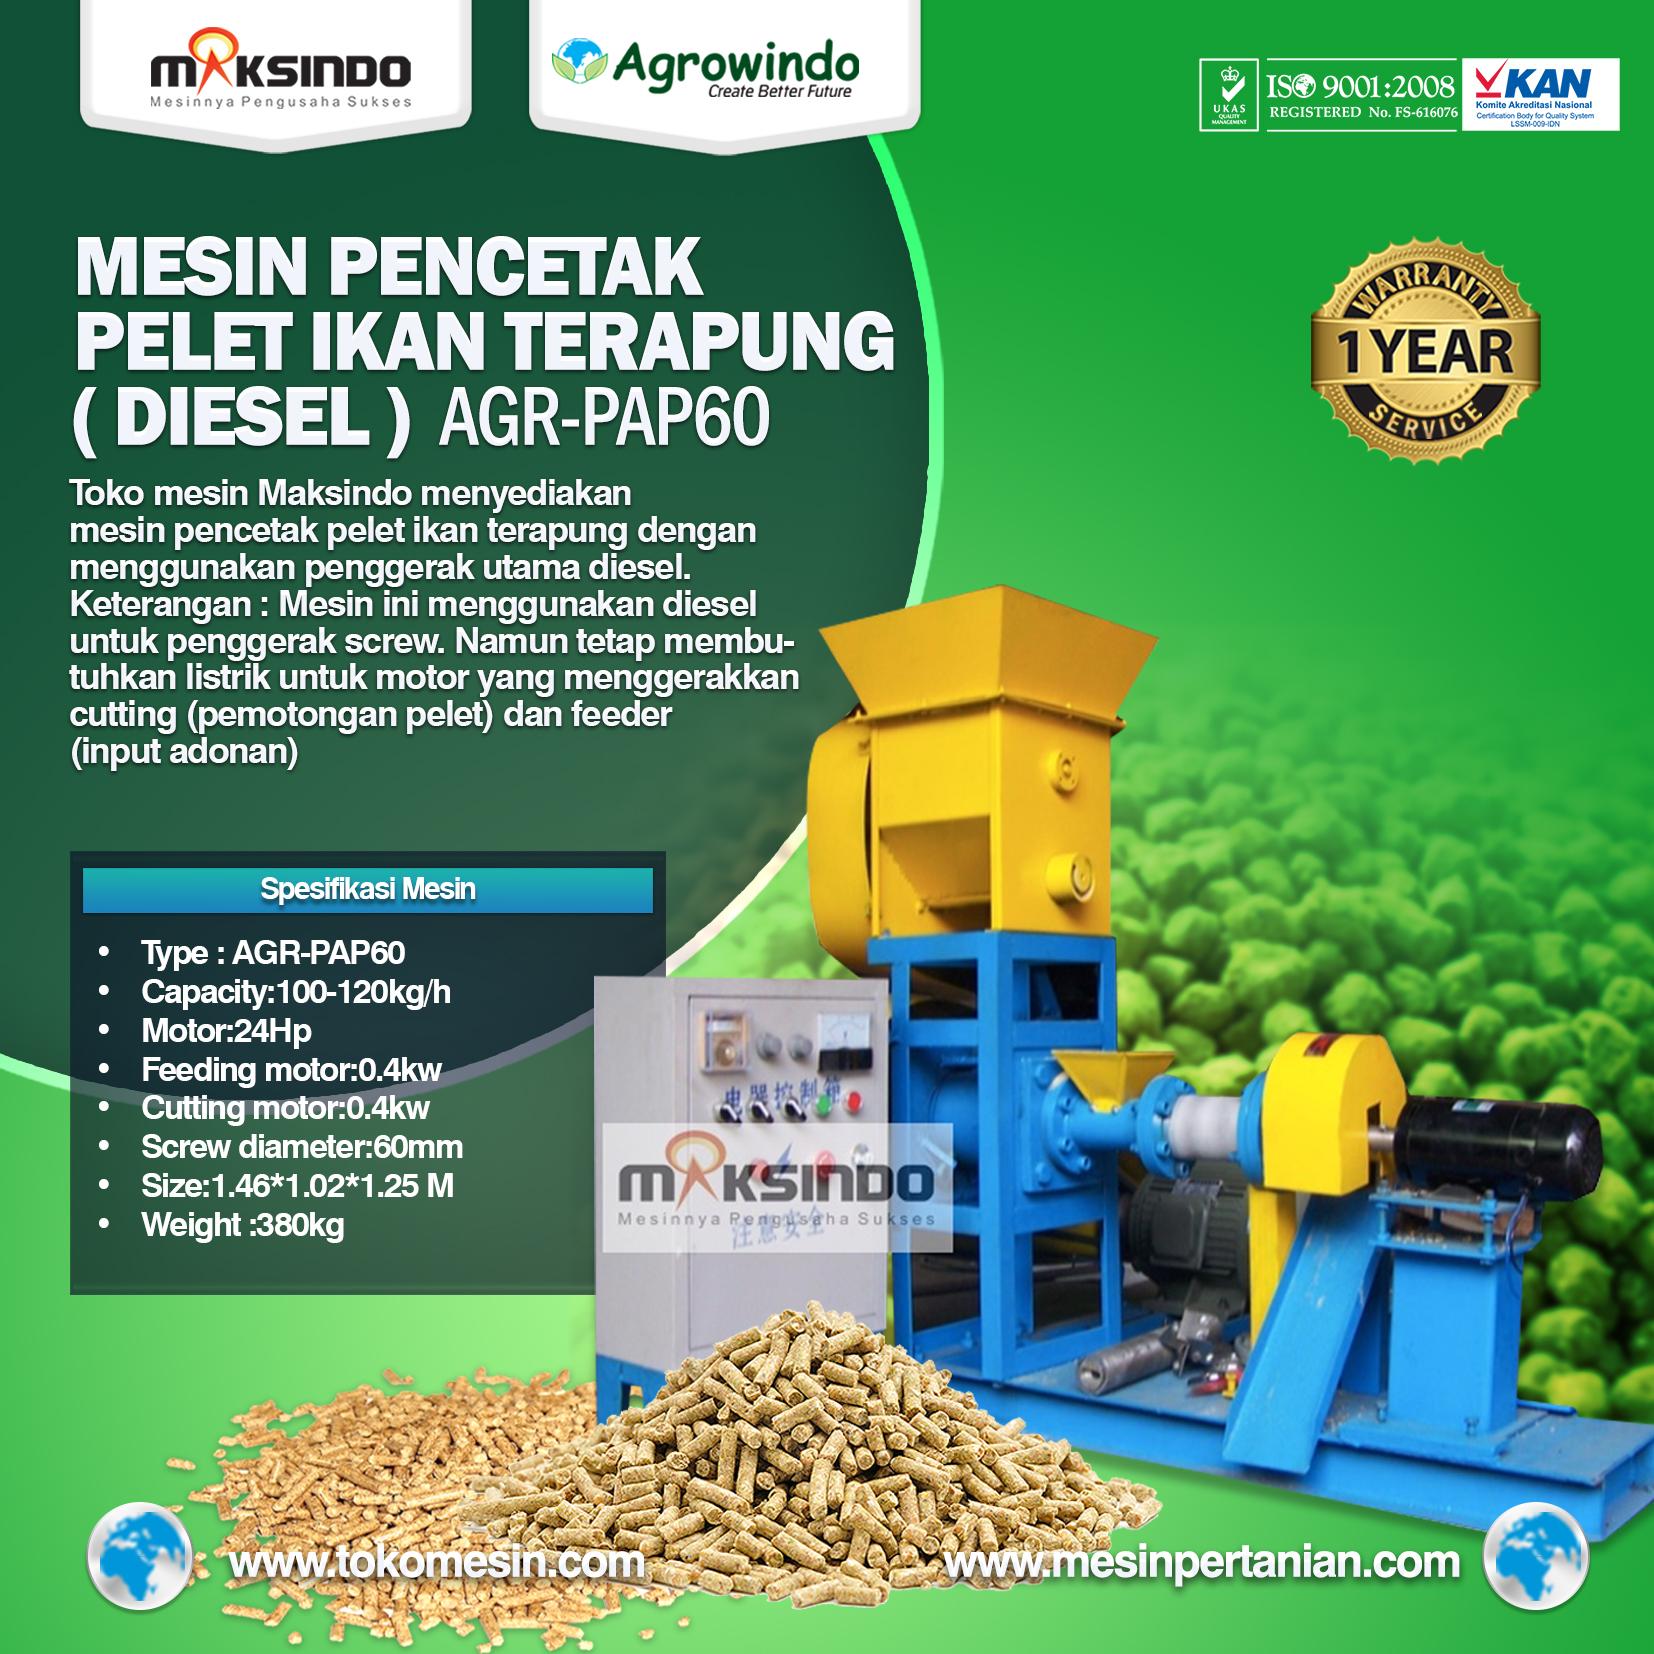 Mesin Pencetak Pelet Ikan Terapung (Diesel) AGR-PAP60